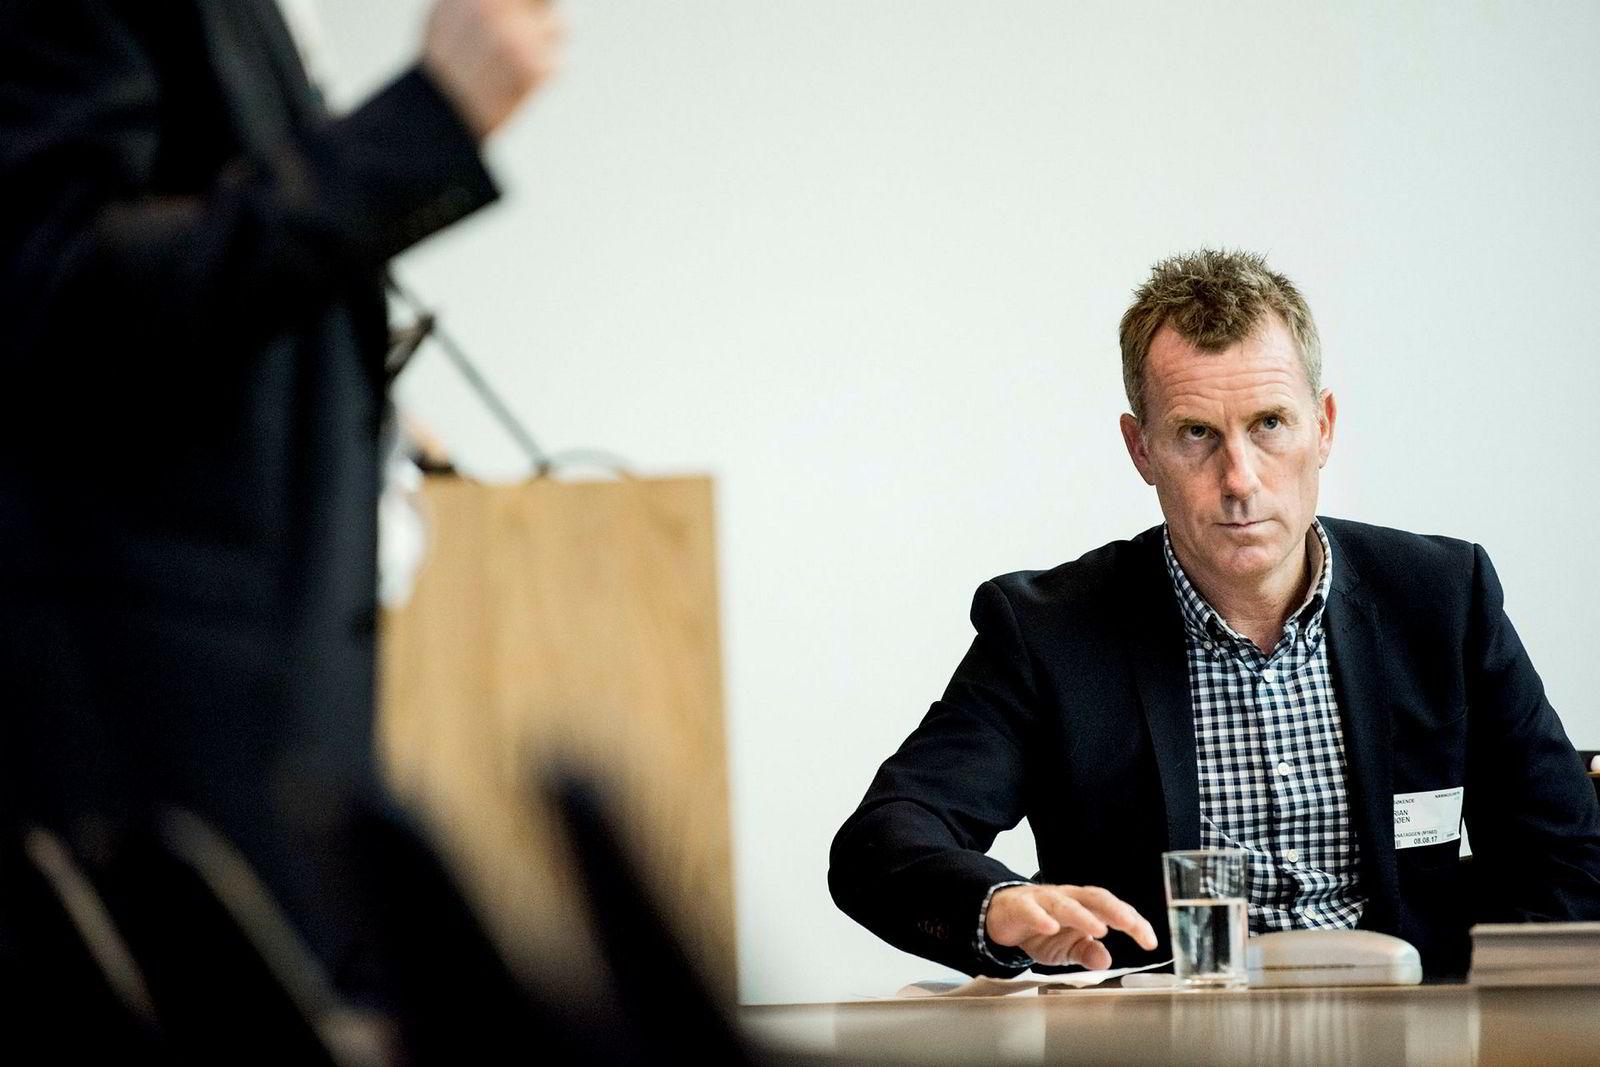 Daglig leder i Stillasgruppen Brian Sjøen mener formuesskatten ødelegger for norsk næringsliv. Han må betale skatt av utstyr selv om bedriften har hatt det tøft som følge av oljekrisen.